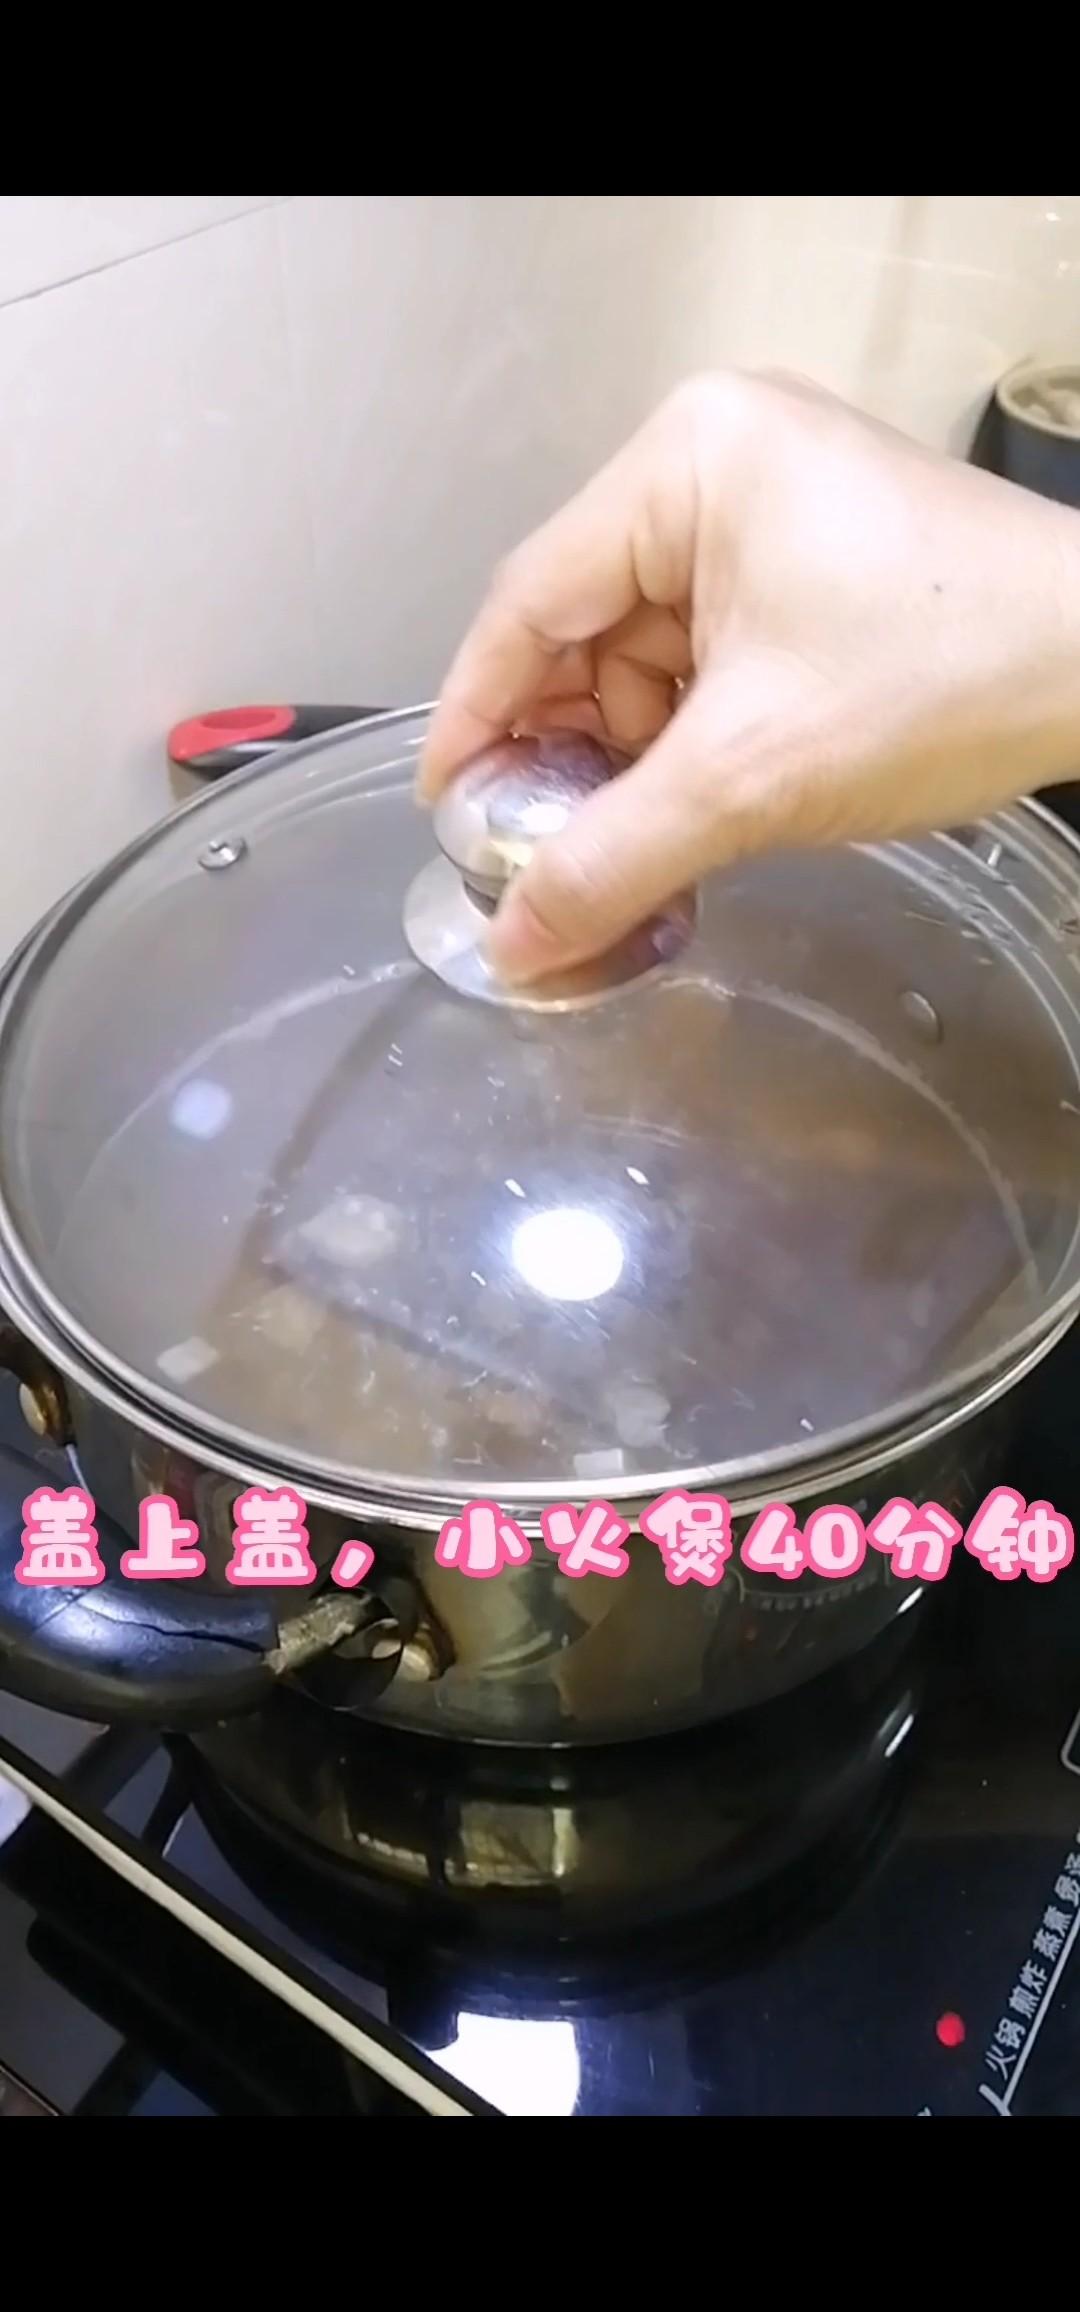 节补猪骨汤的步骤